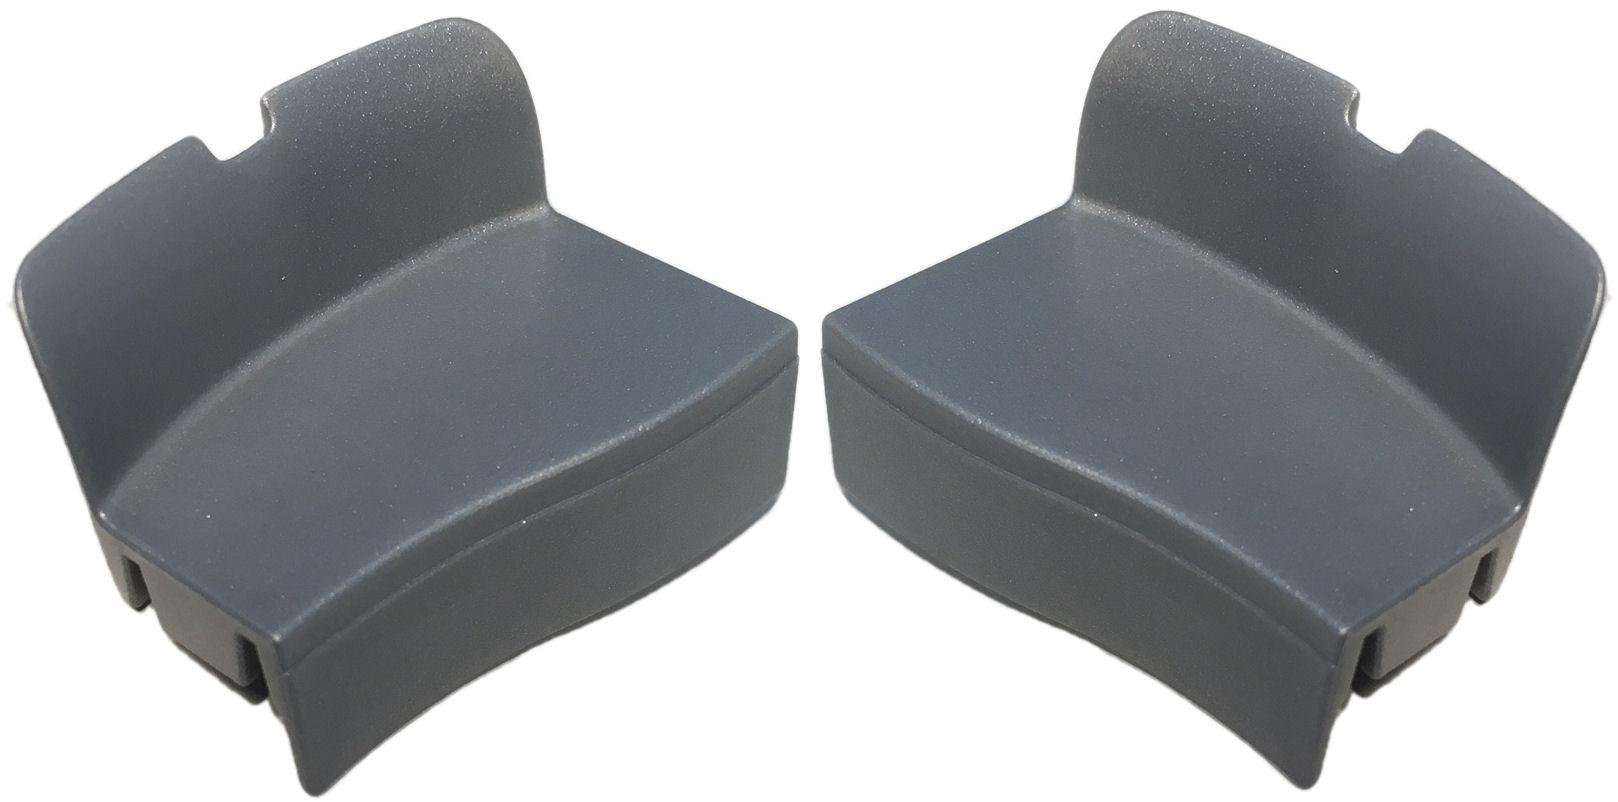 Afdekkapjes Axa Defender - zilver (set)